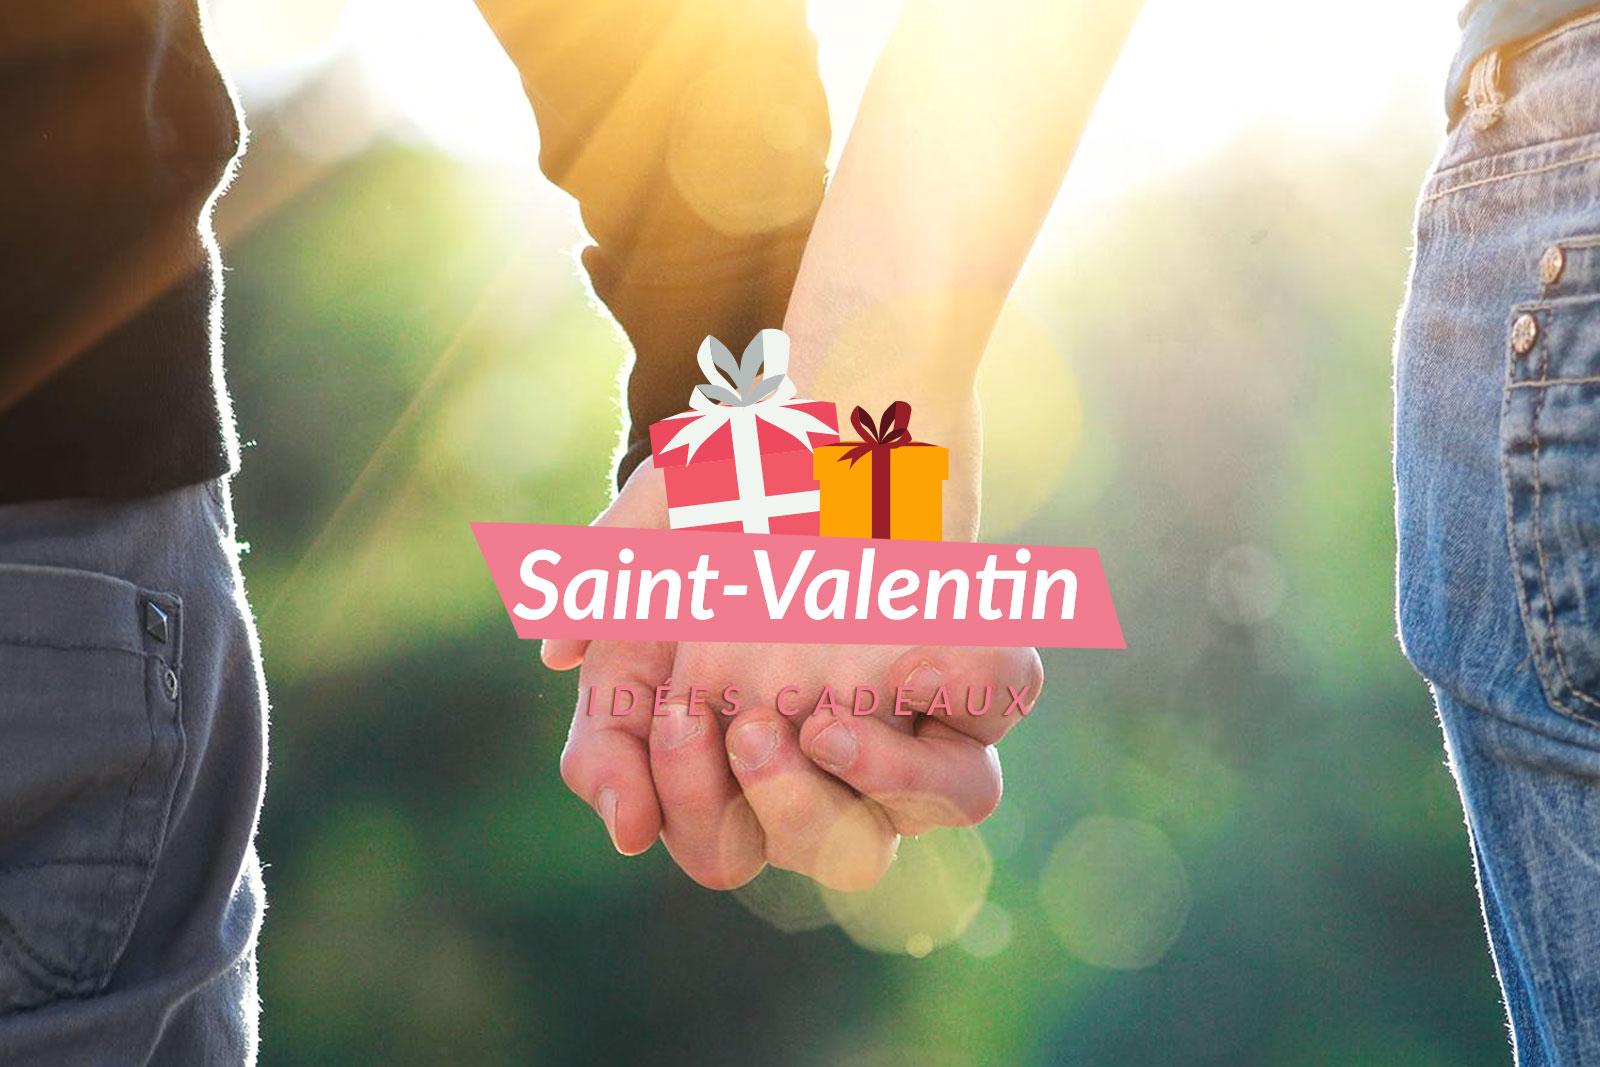 Saint Valentin Idées cadeaux